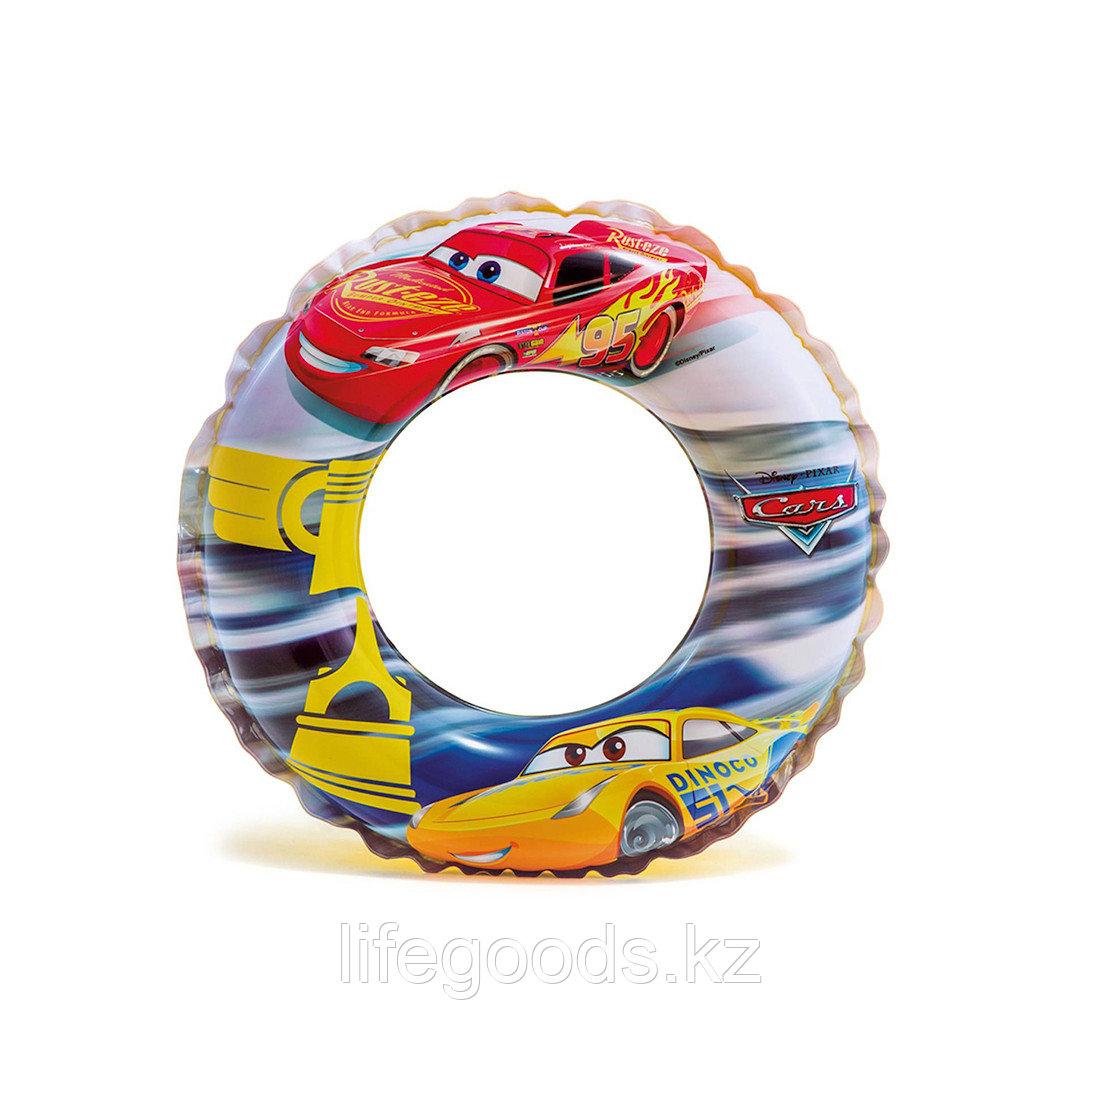 Надувной круг для плавания Intex 58260NP